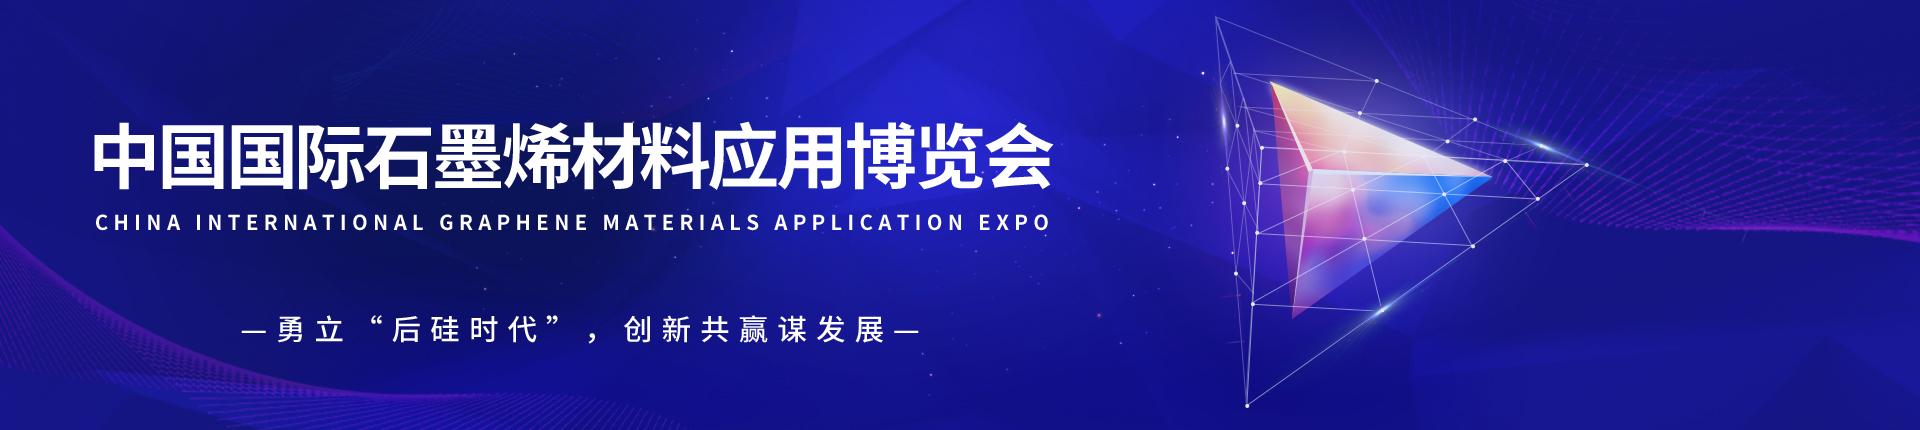 云展·中国国际石墨烯材料应用博览会